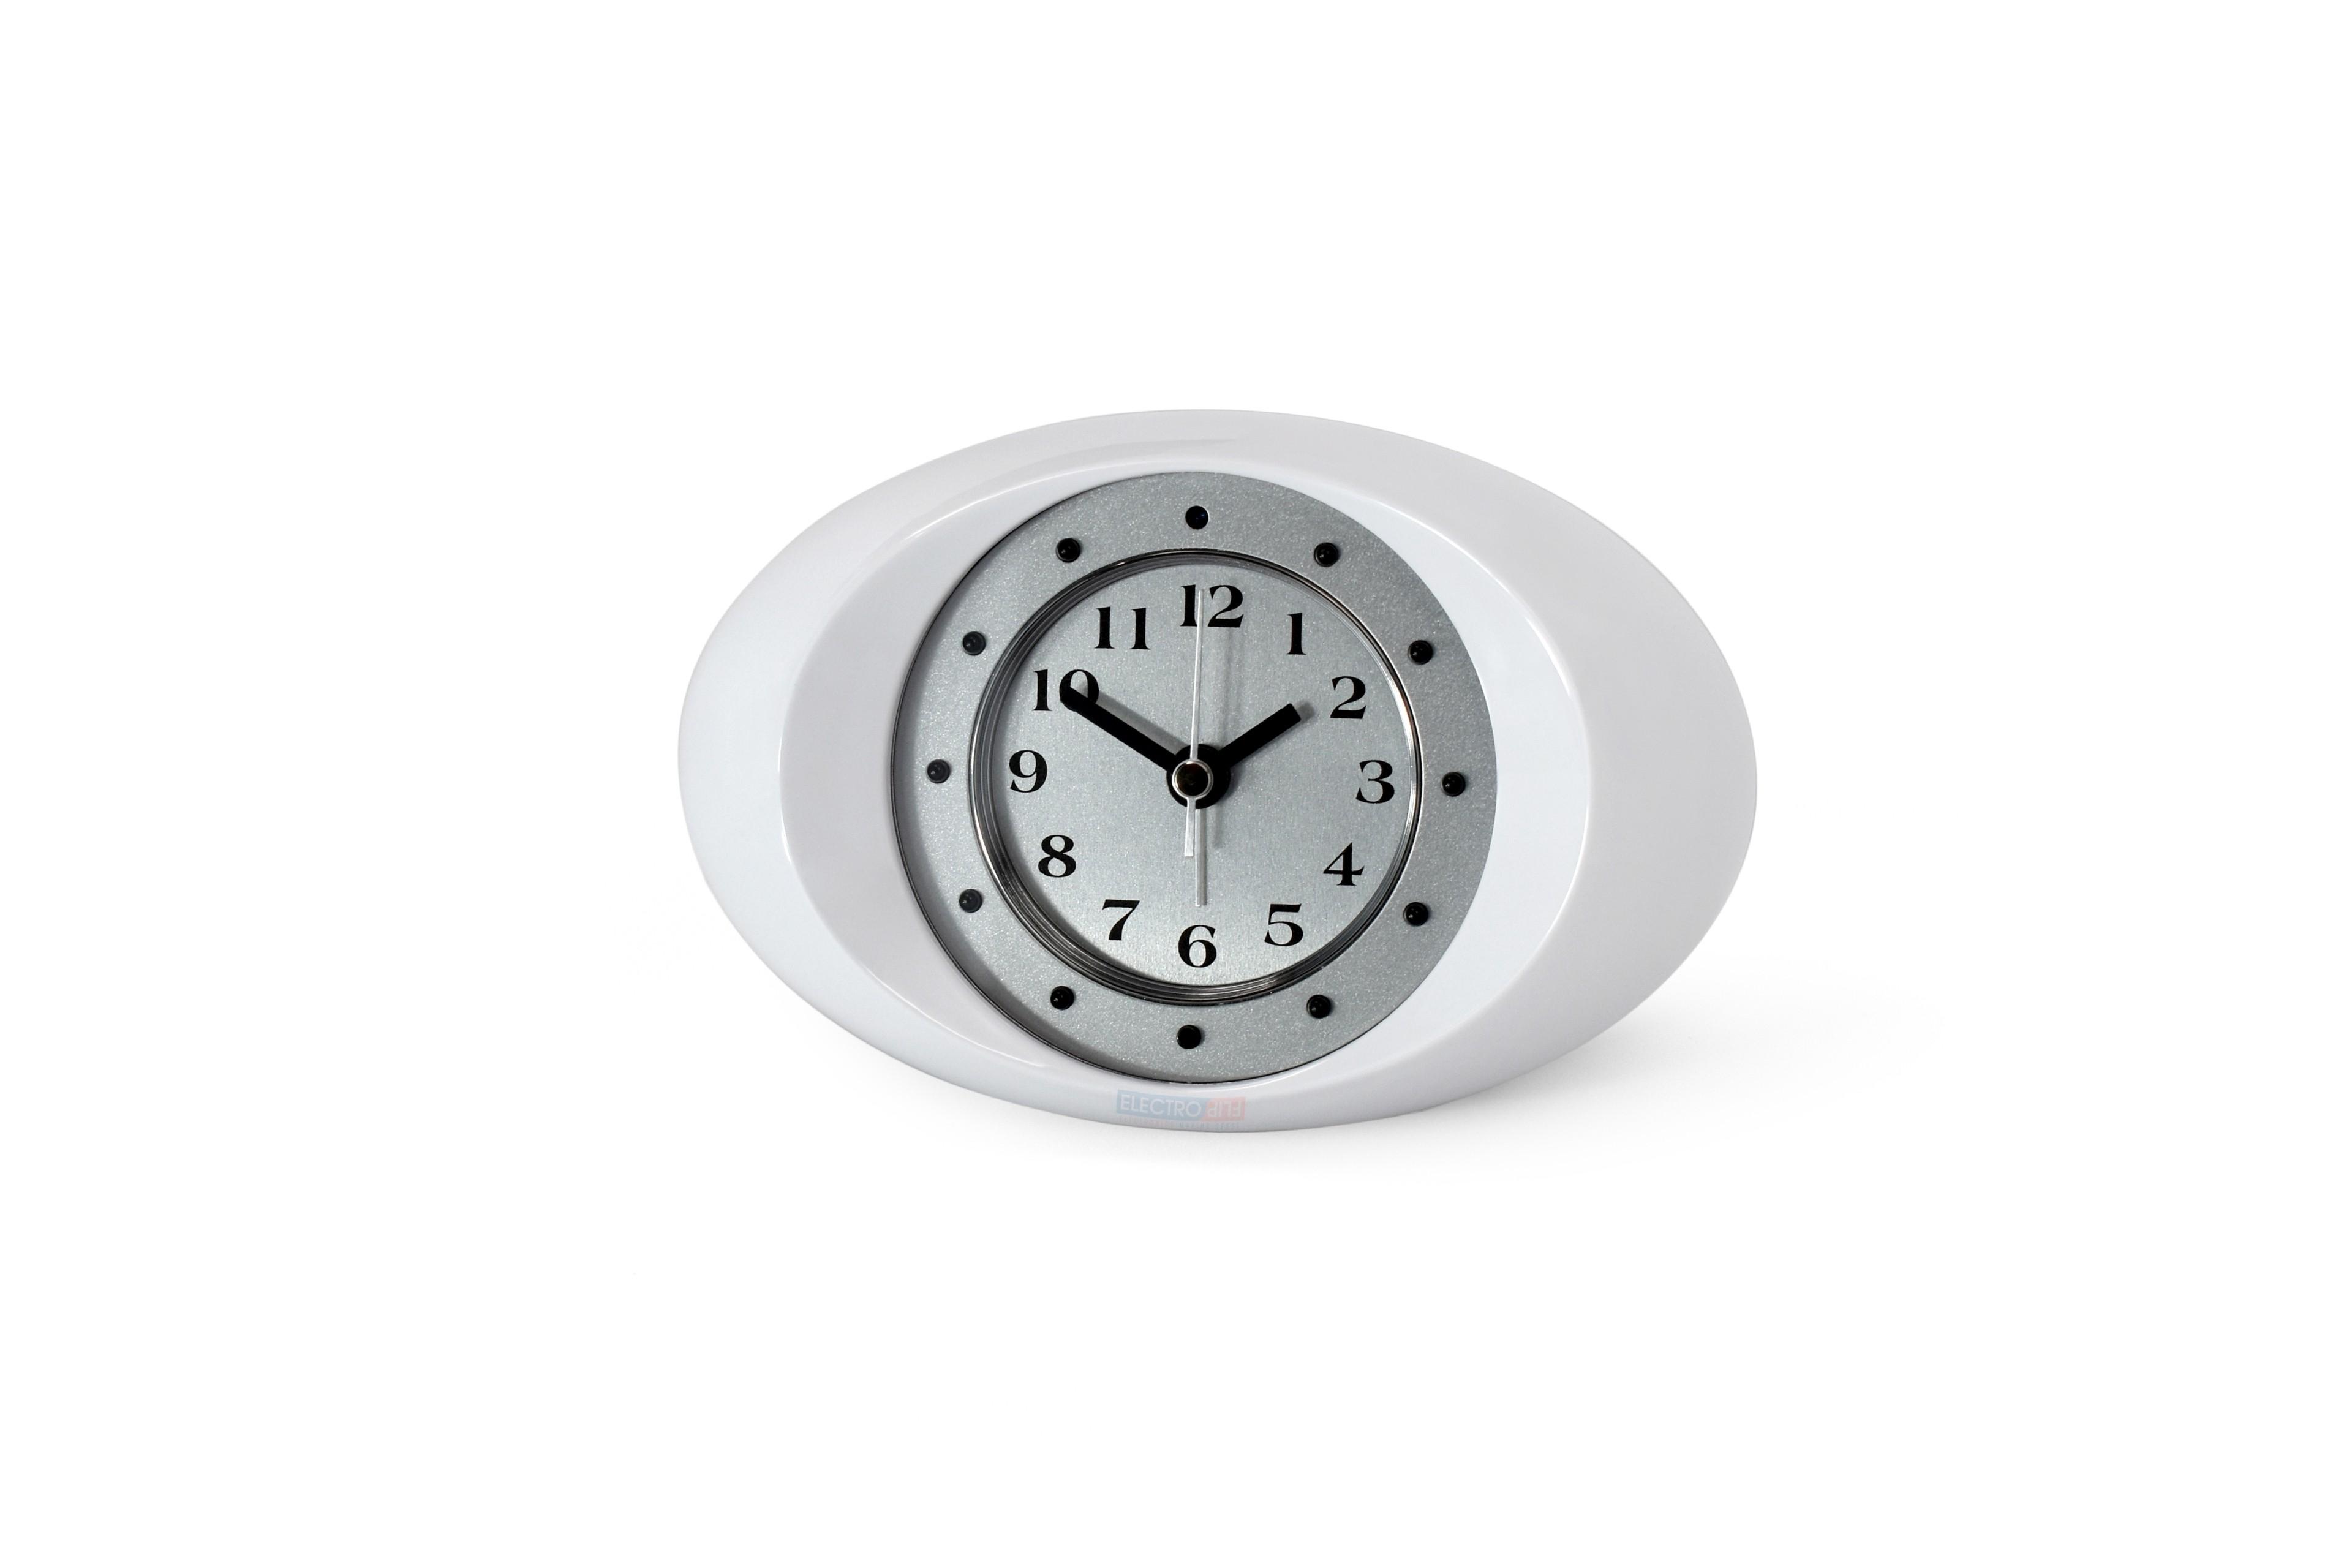 EGGcam - Desk Clock Camera